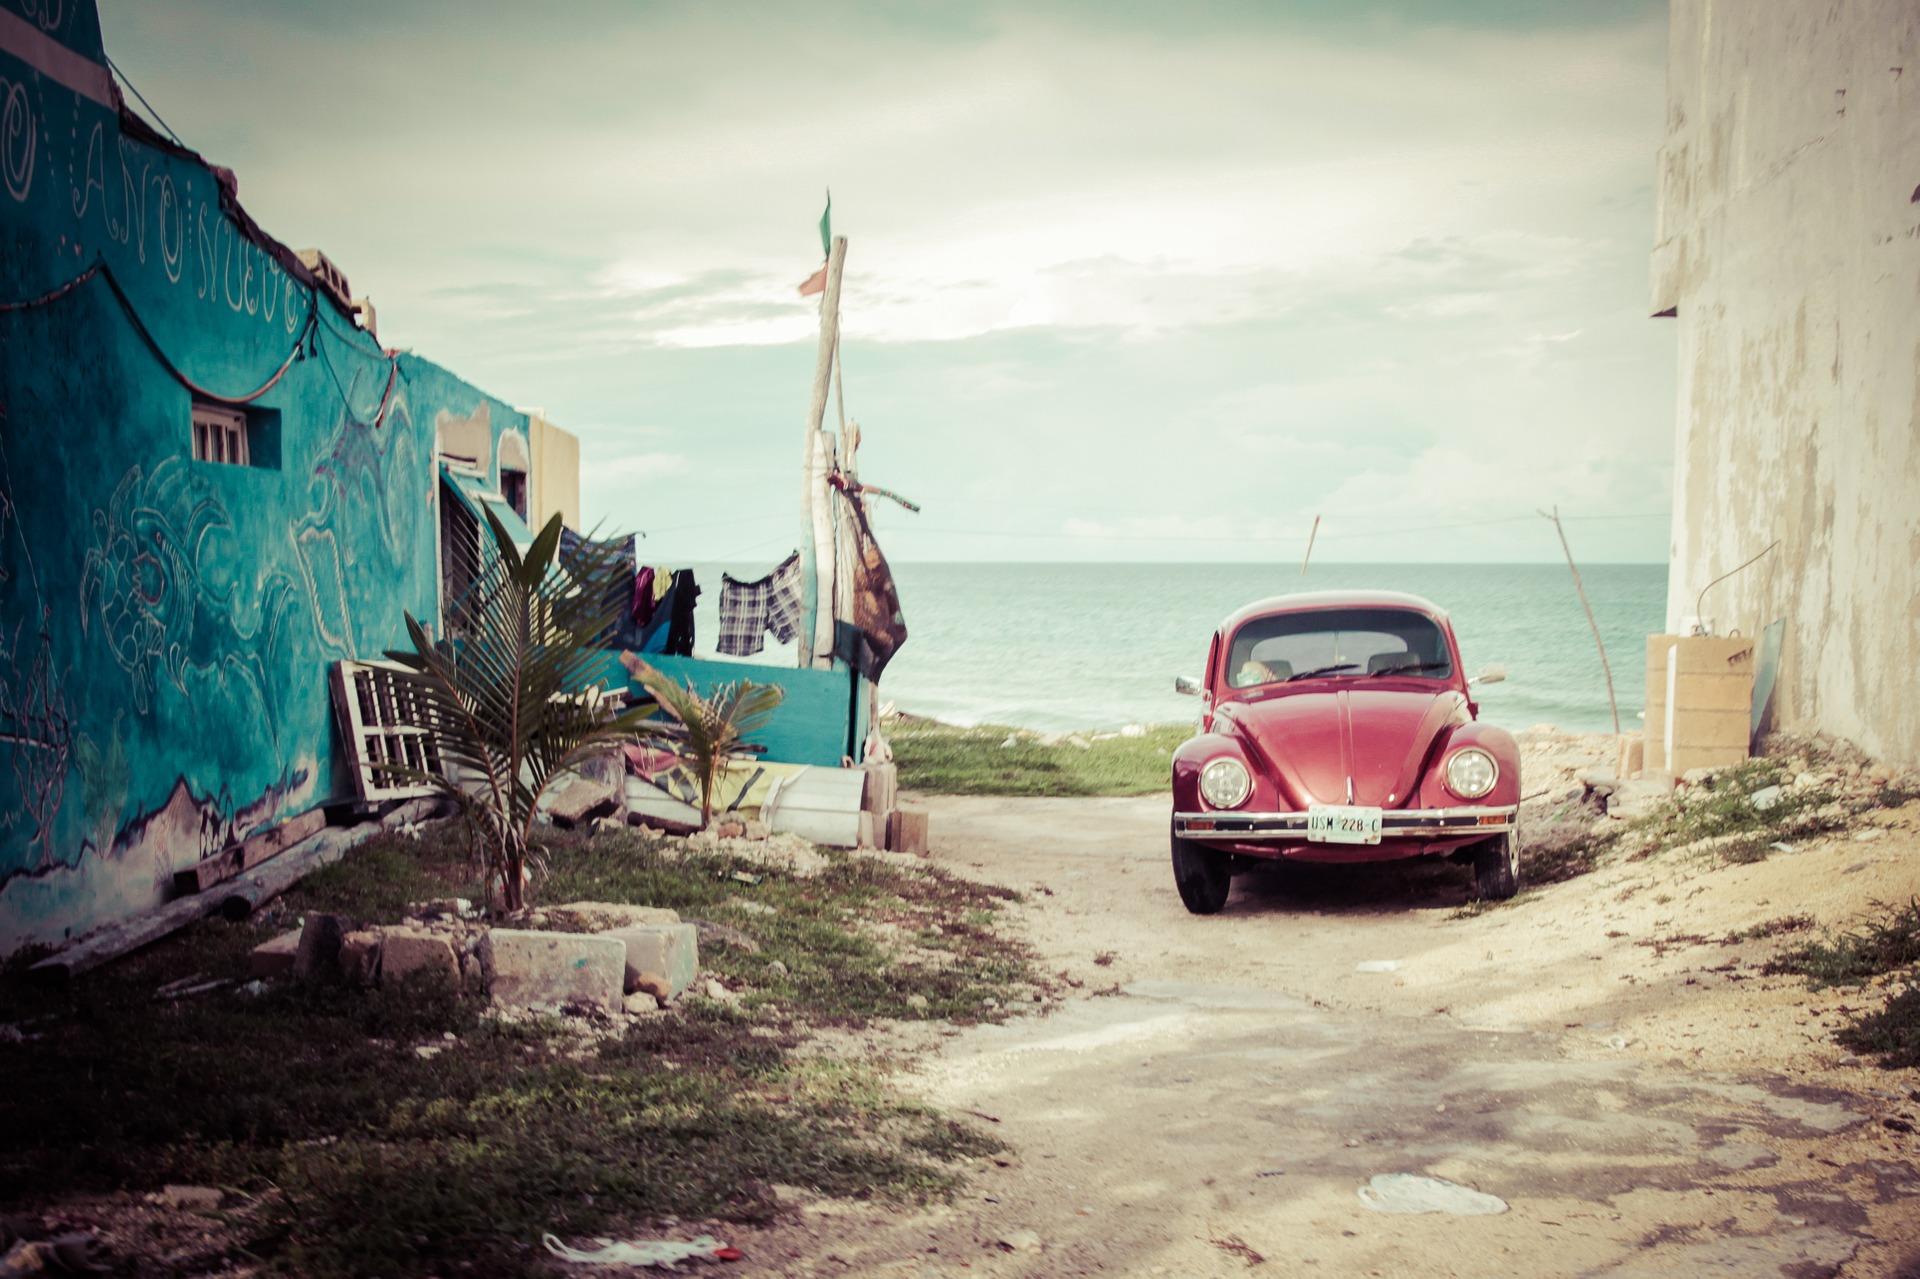 Yucatan, Mexico: Random Acts of Hospitality Series